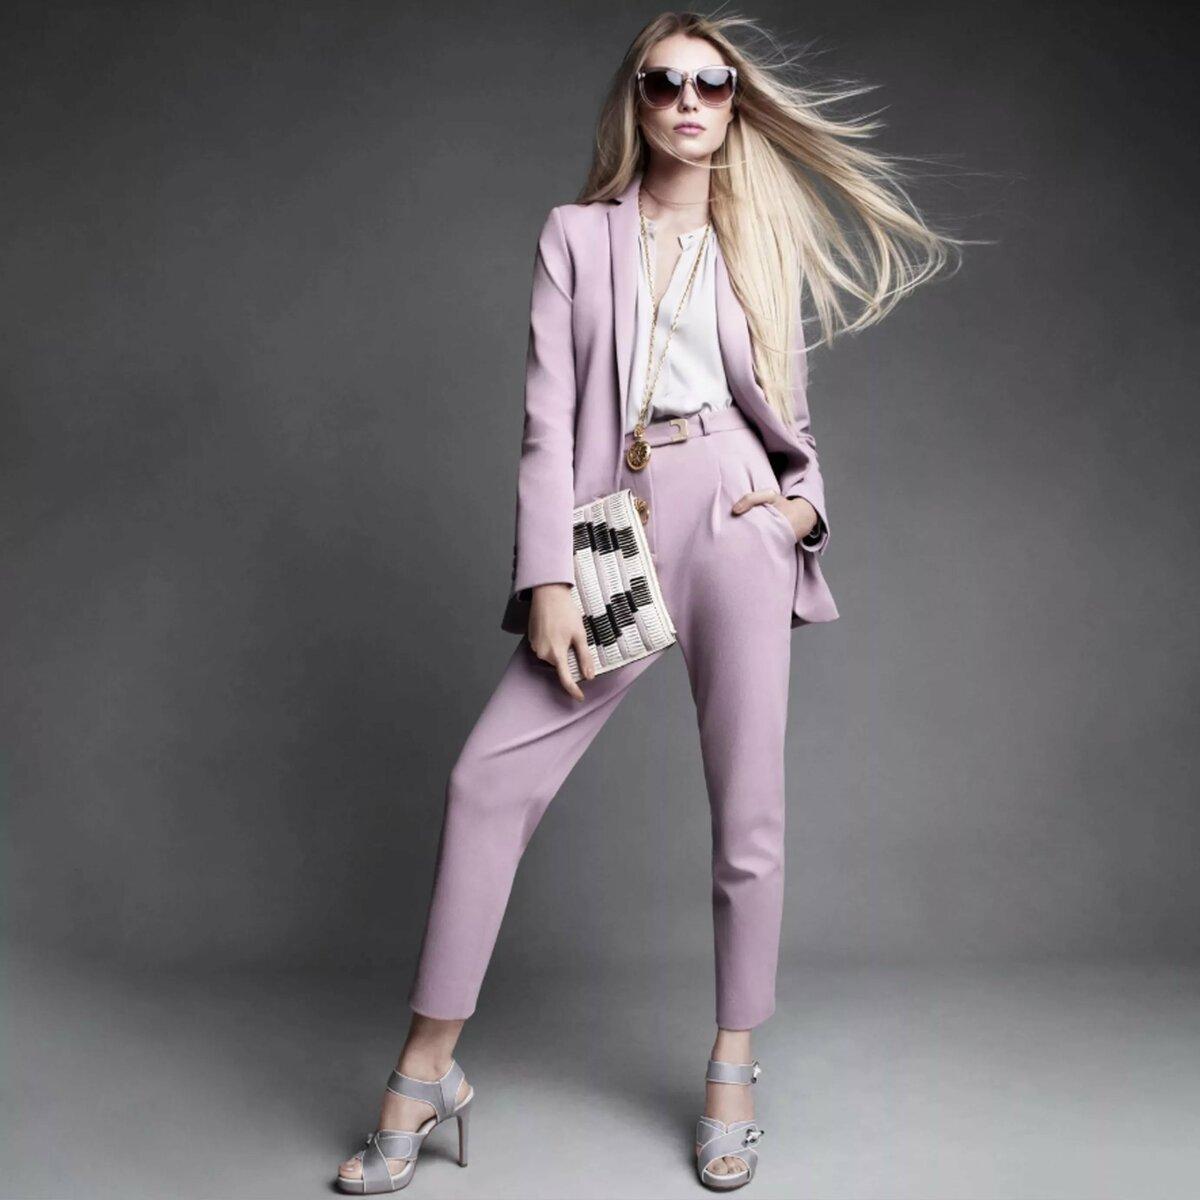 Стильная женская одежда картинки